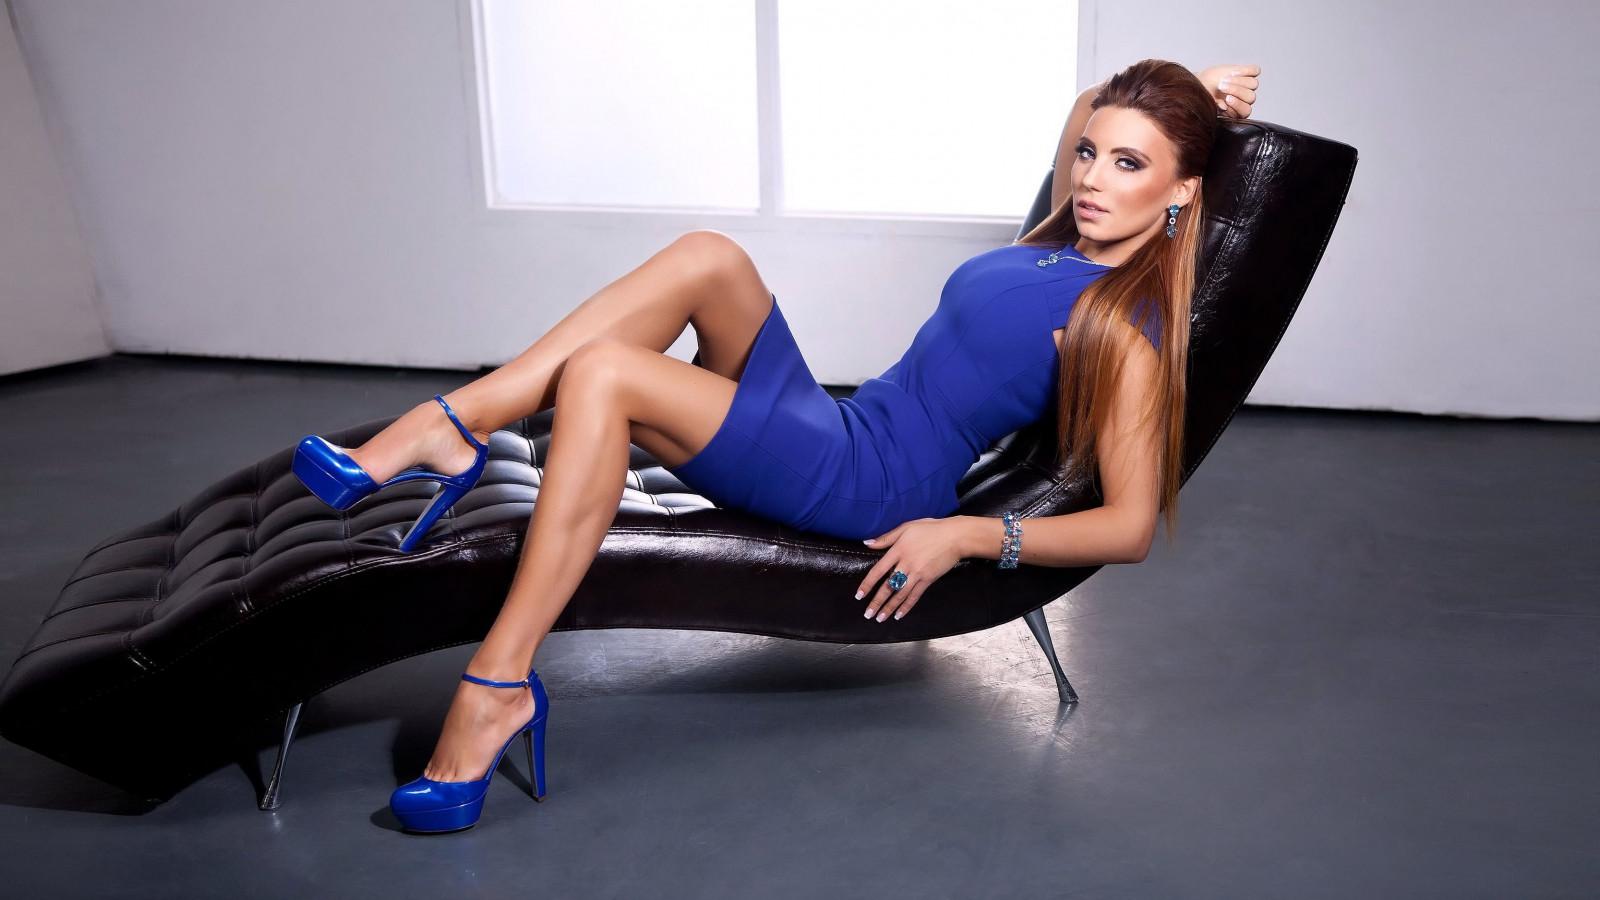 solei-model-in-high-heels-mature